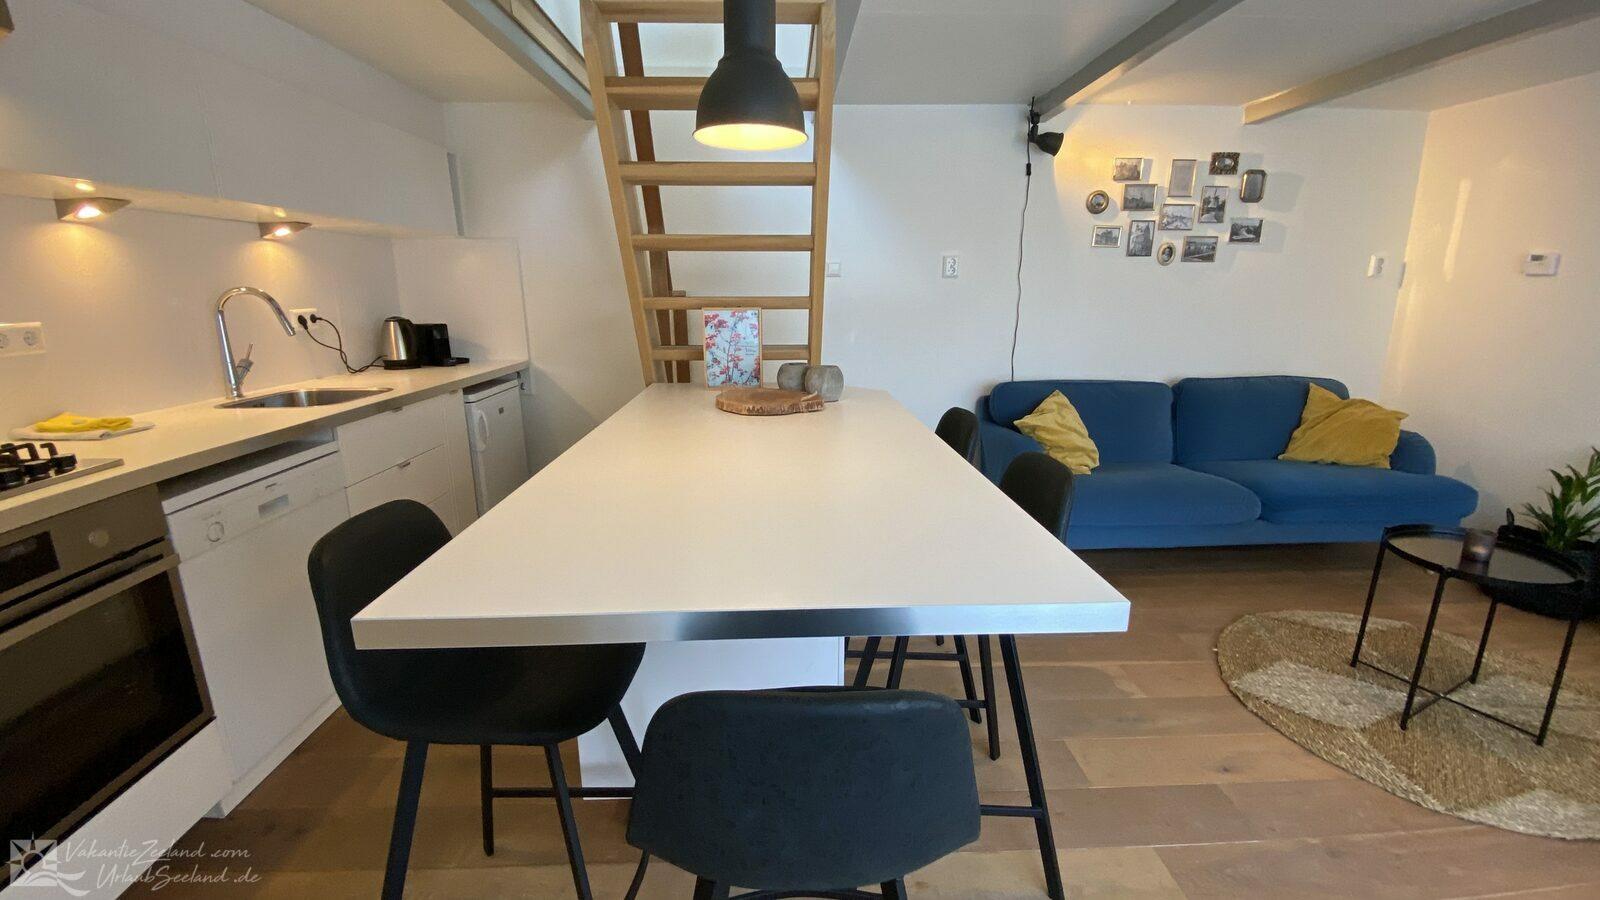 VZ963 Vakantiehuis in Brouwershaven